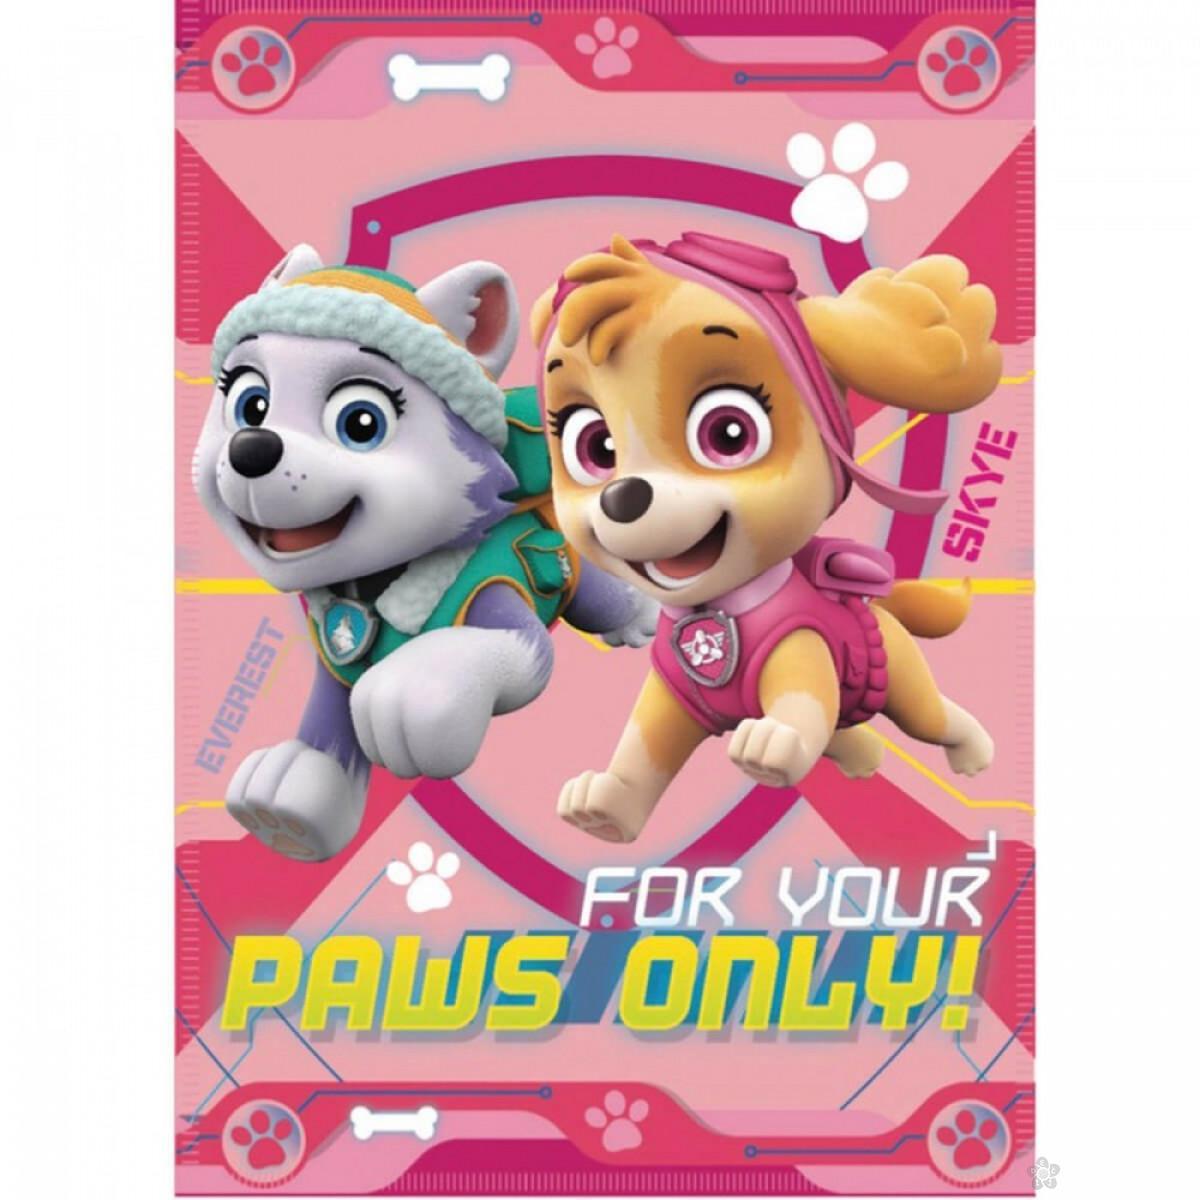 Ćebe Paw Patrol, PT07210-roze